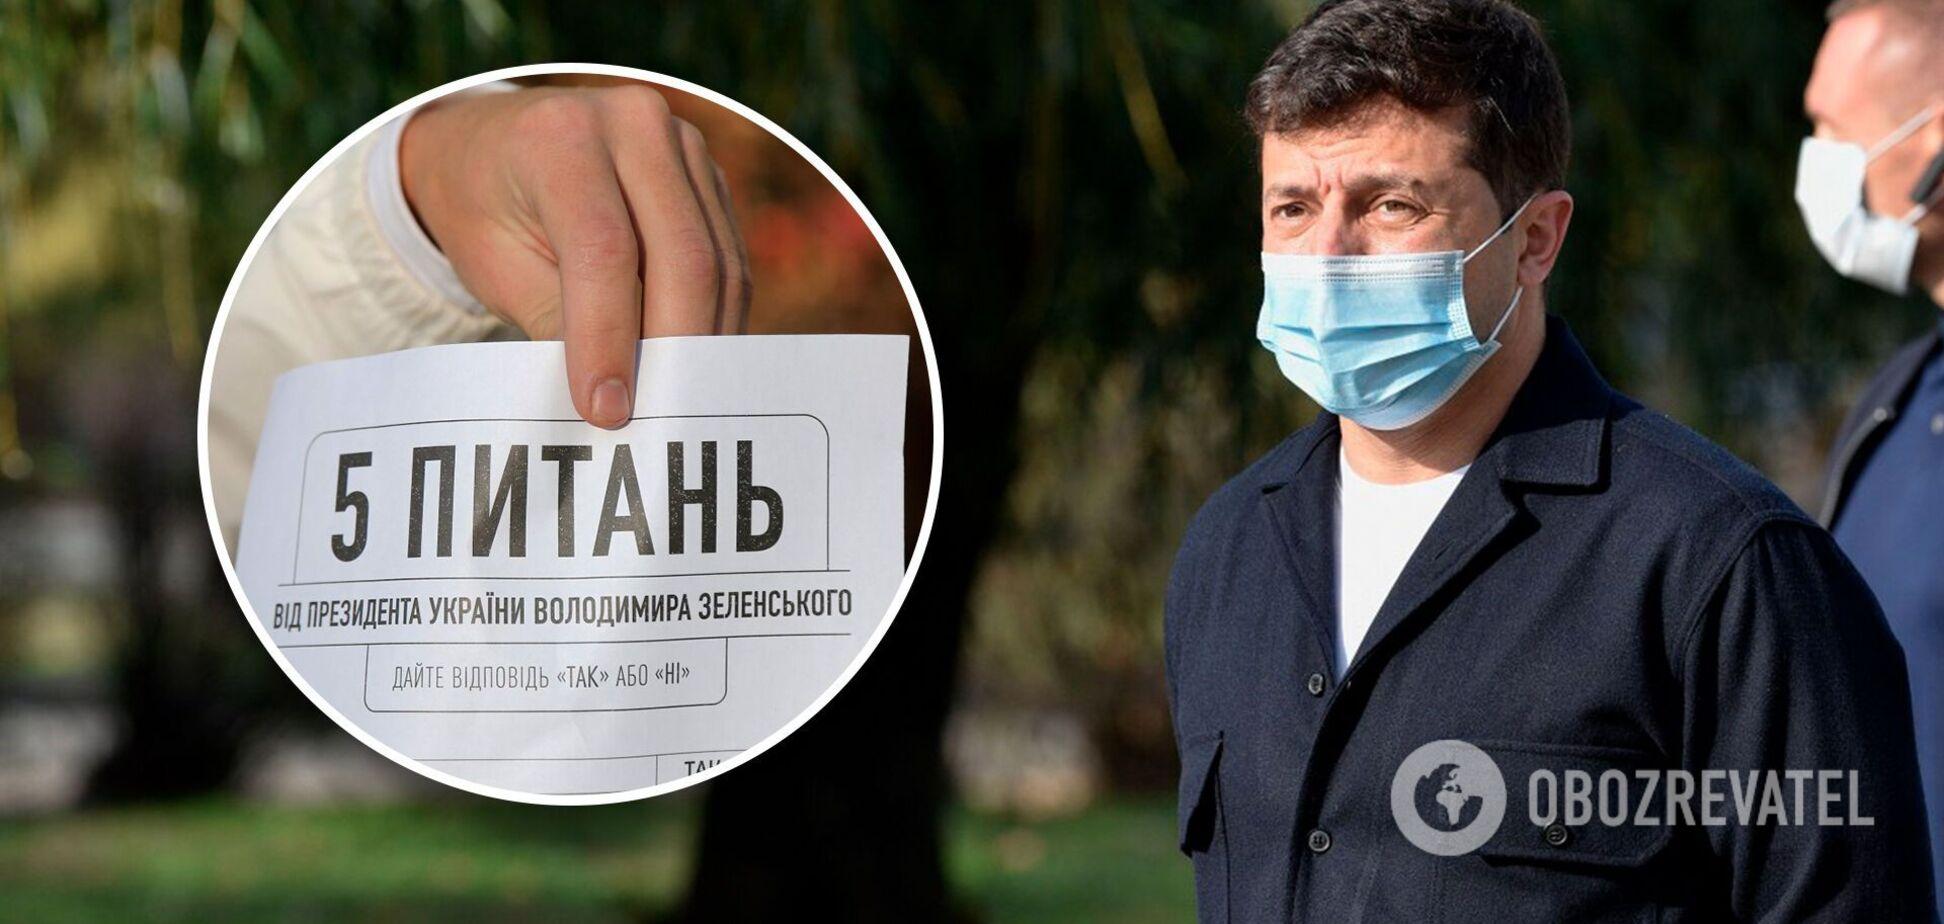 Опитування від Зеленського почалось хвилею порушень: українці розповіли про головні проблеми